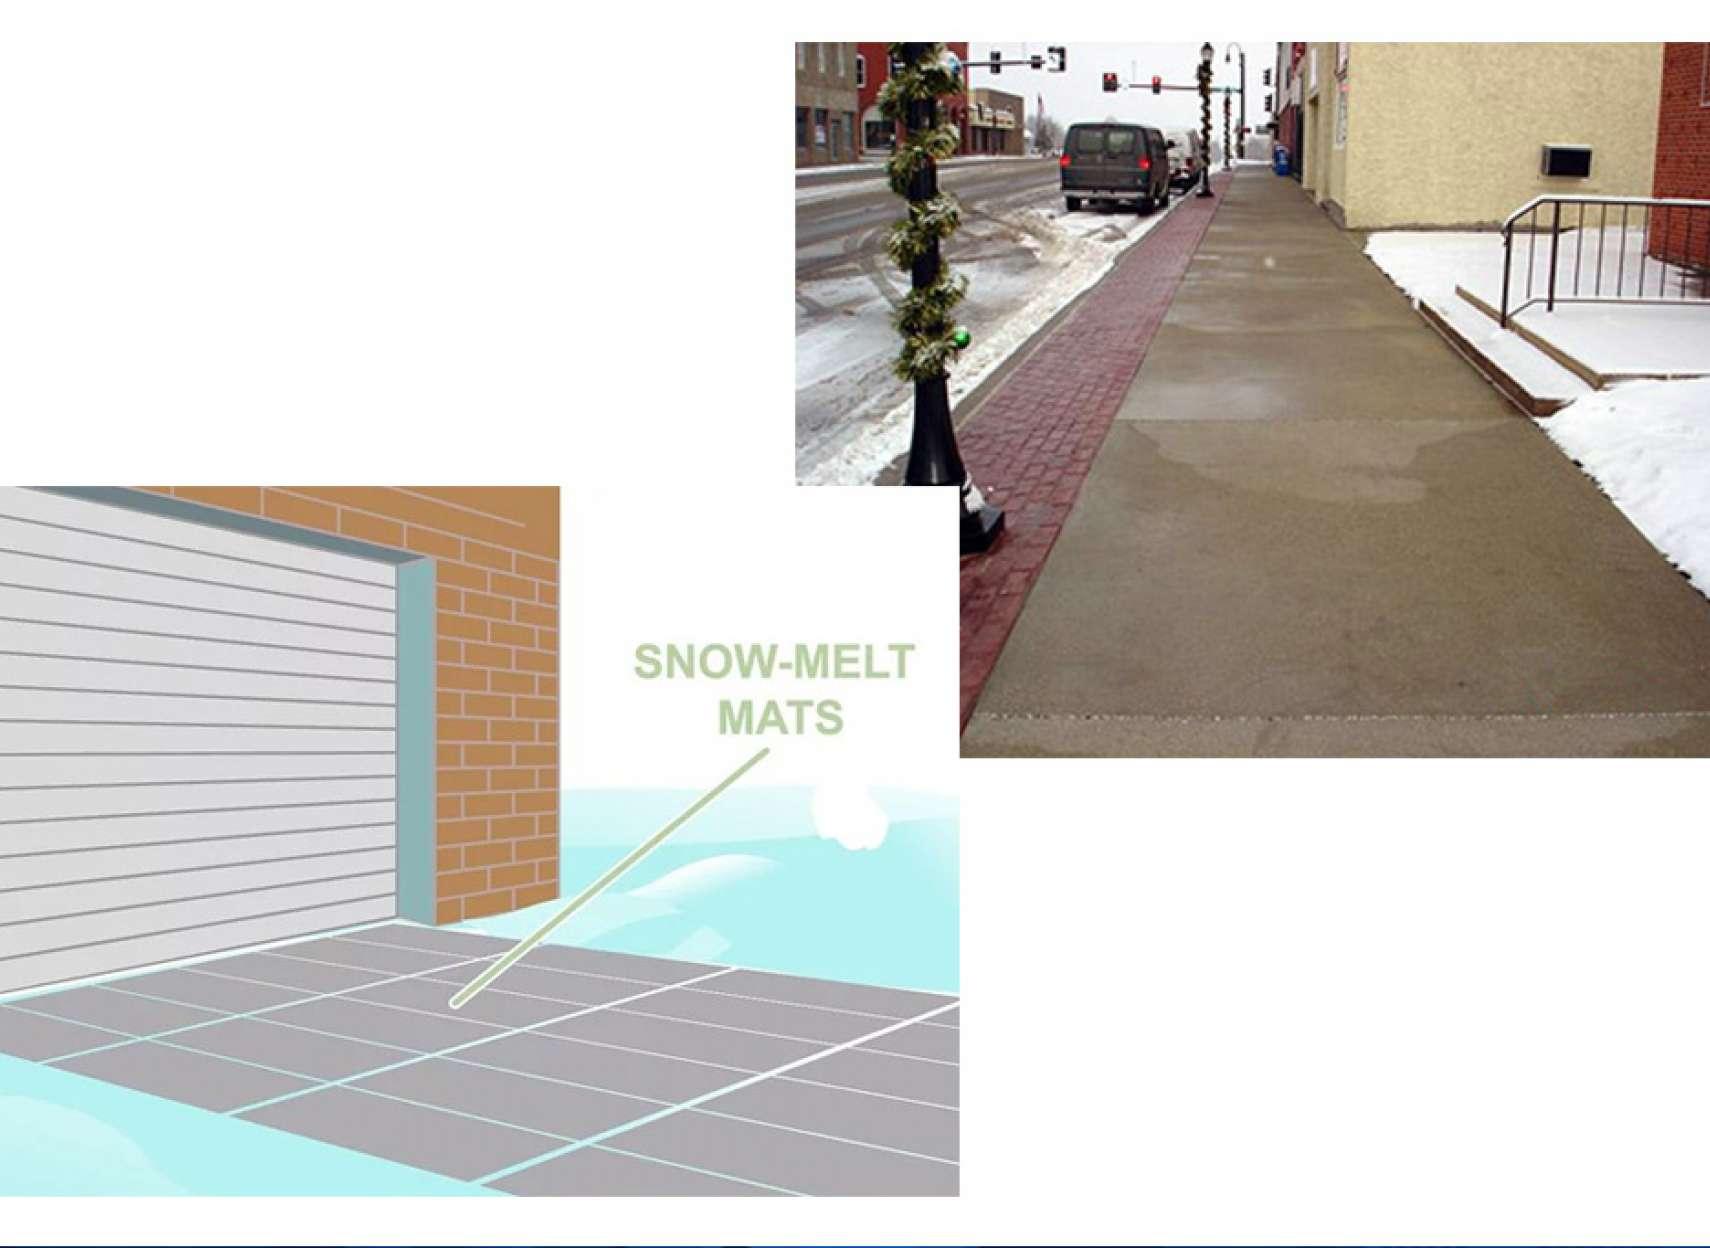 خانه-رامندی-ذوب-برف-و-یخ-با-گرمایش-از-کف